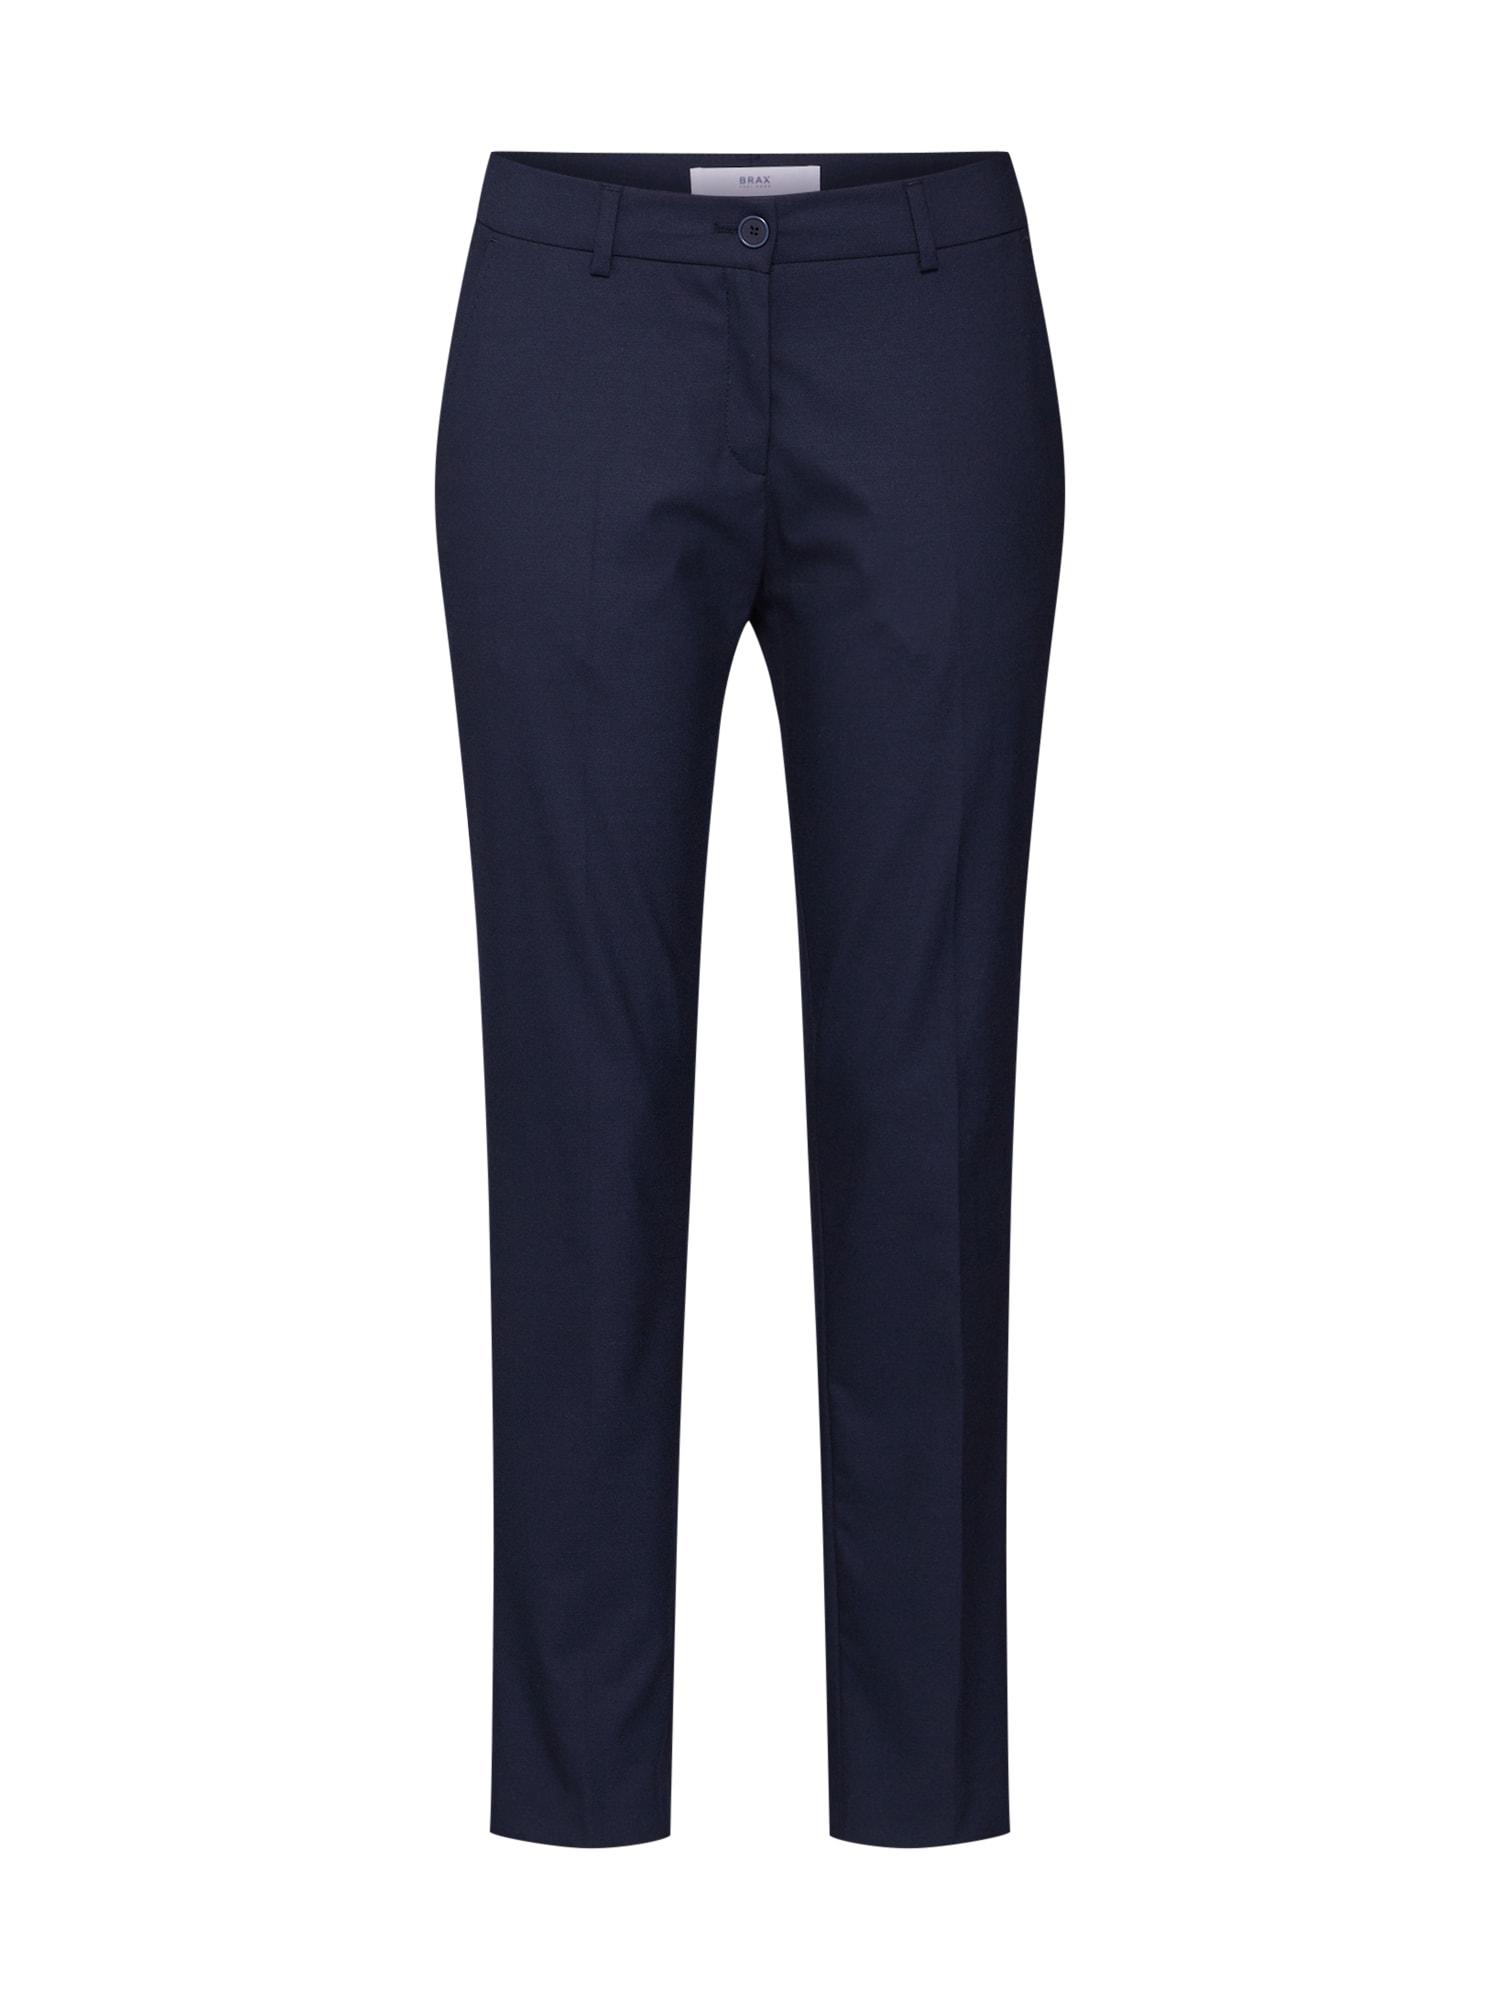 BRAX Chino stiliaus kelnės 'Maron' tamsiai mėlyna